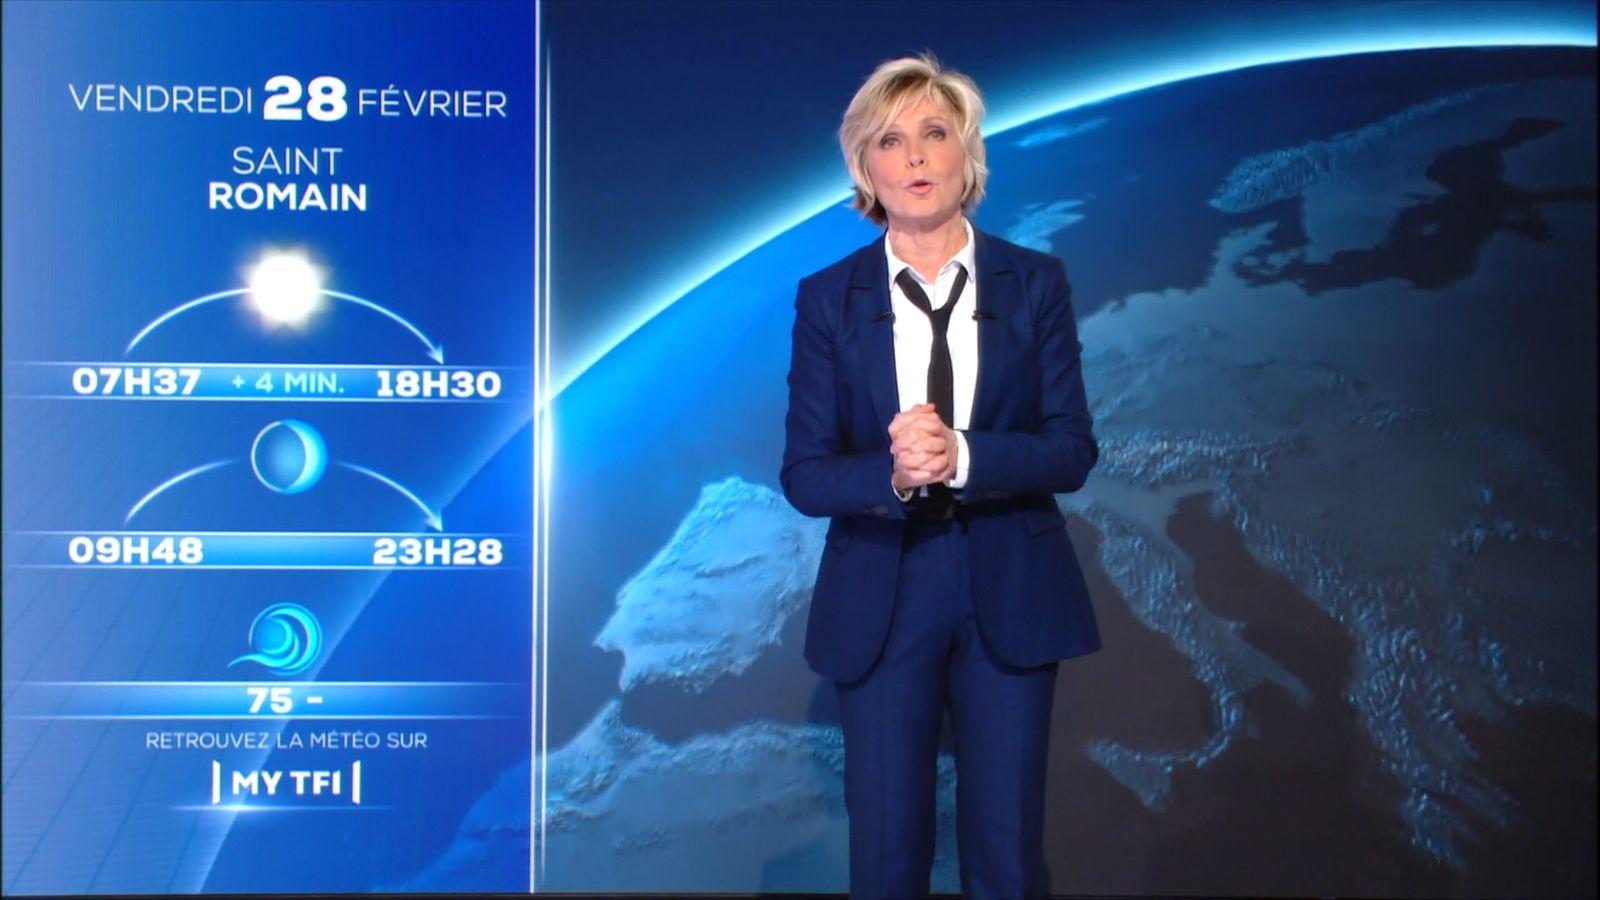 L'inhabituel tailleur-pantalon d'Evelyne dhéliat